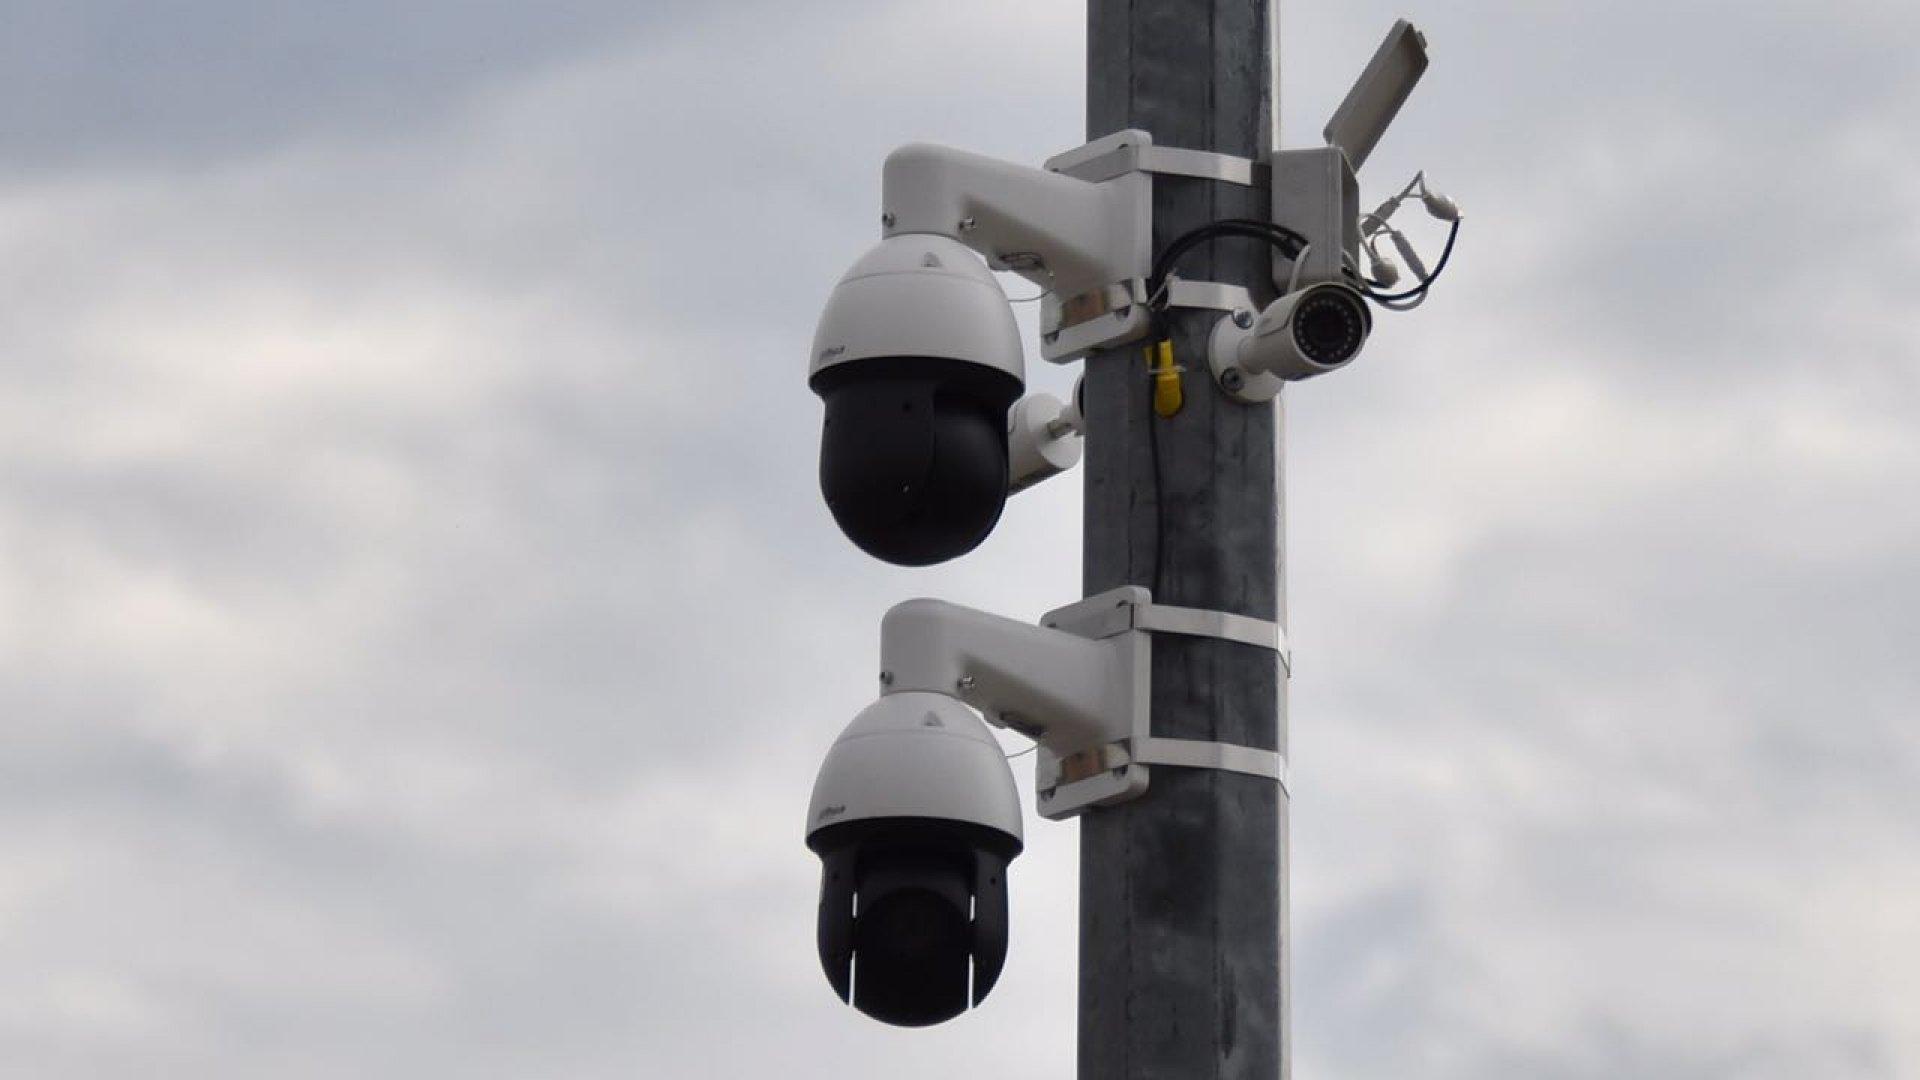 Камеры «Сергек» в Астане позволили снизить количество ДТП